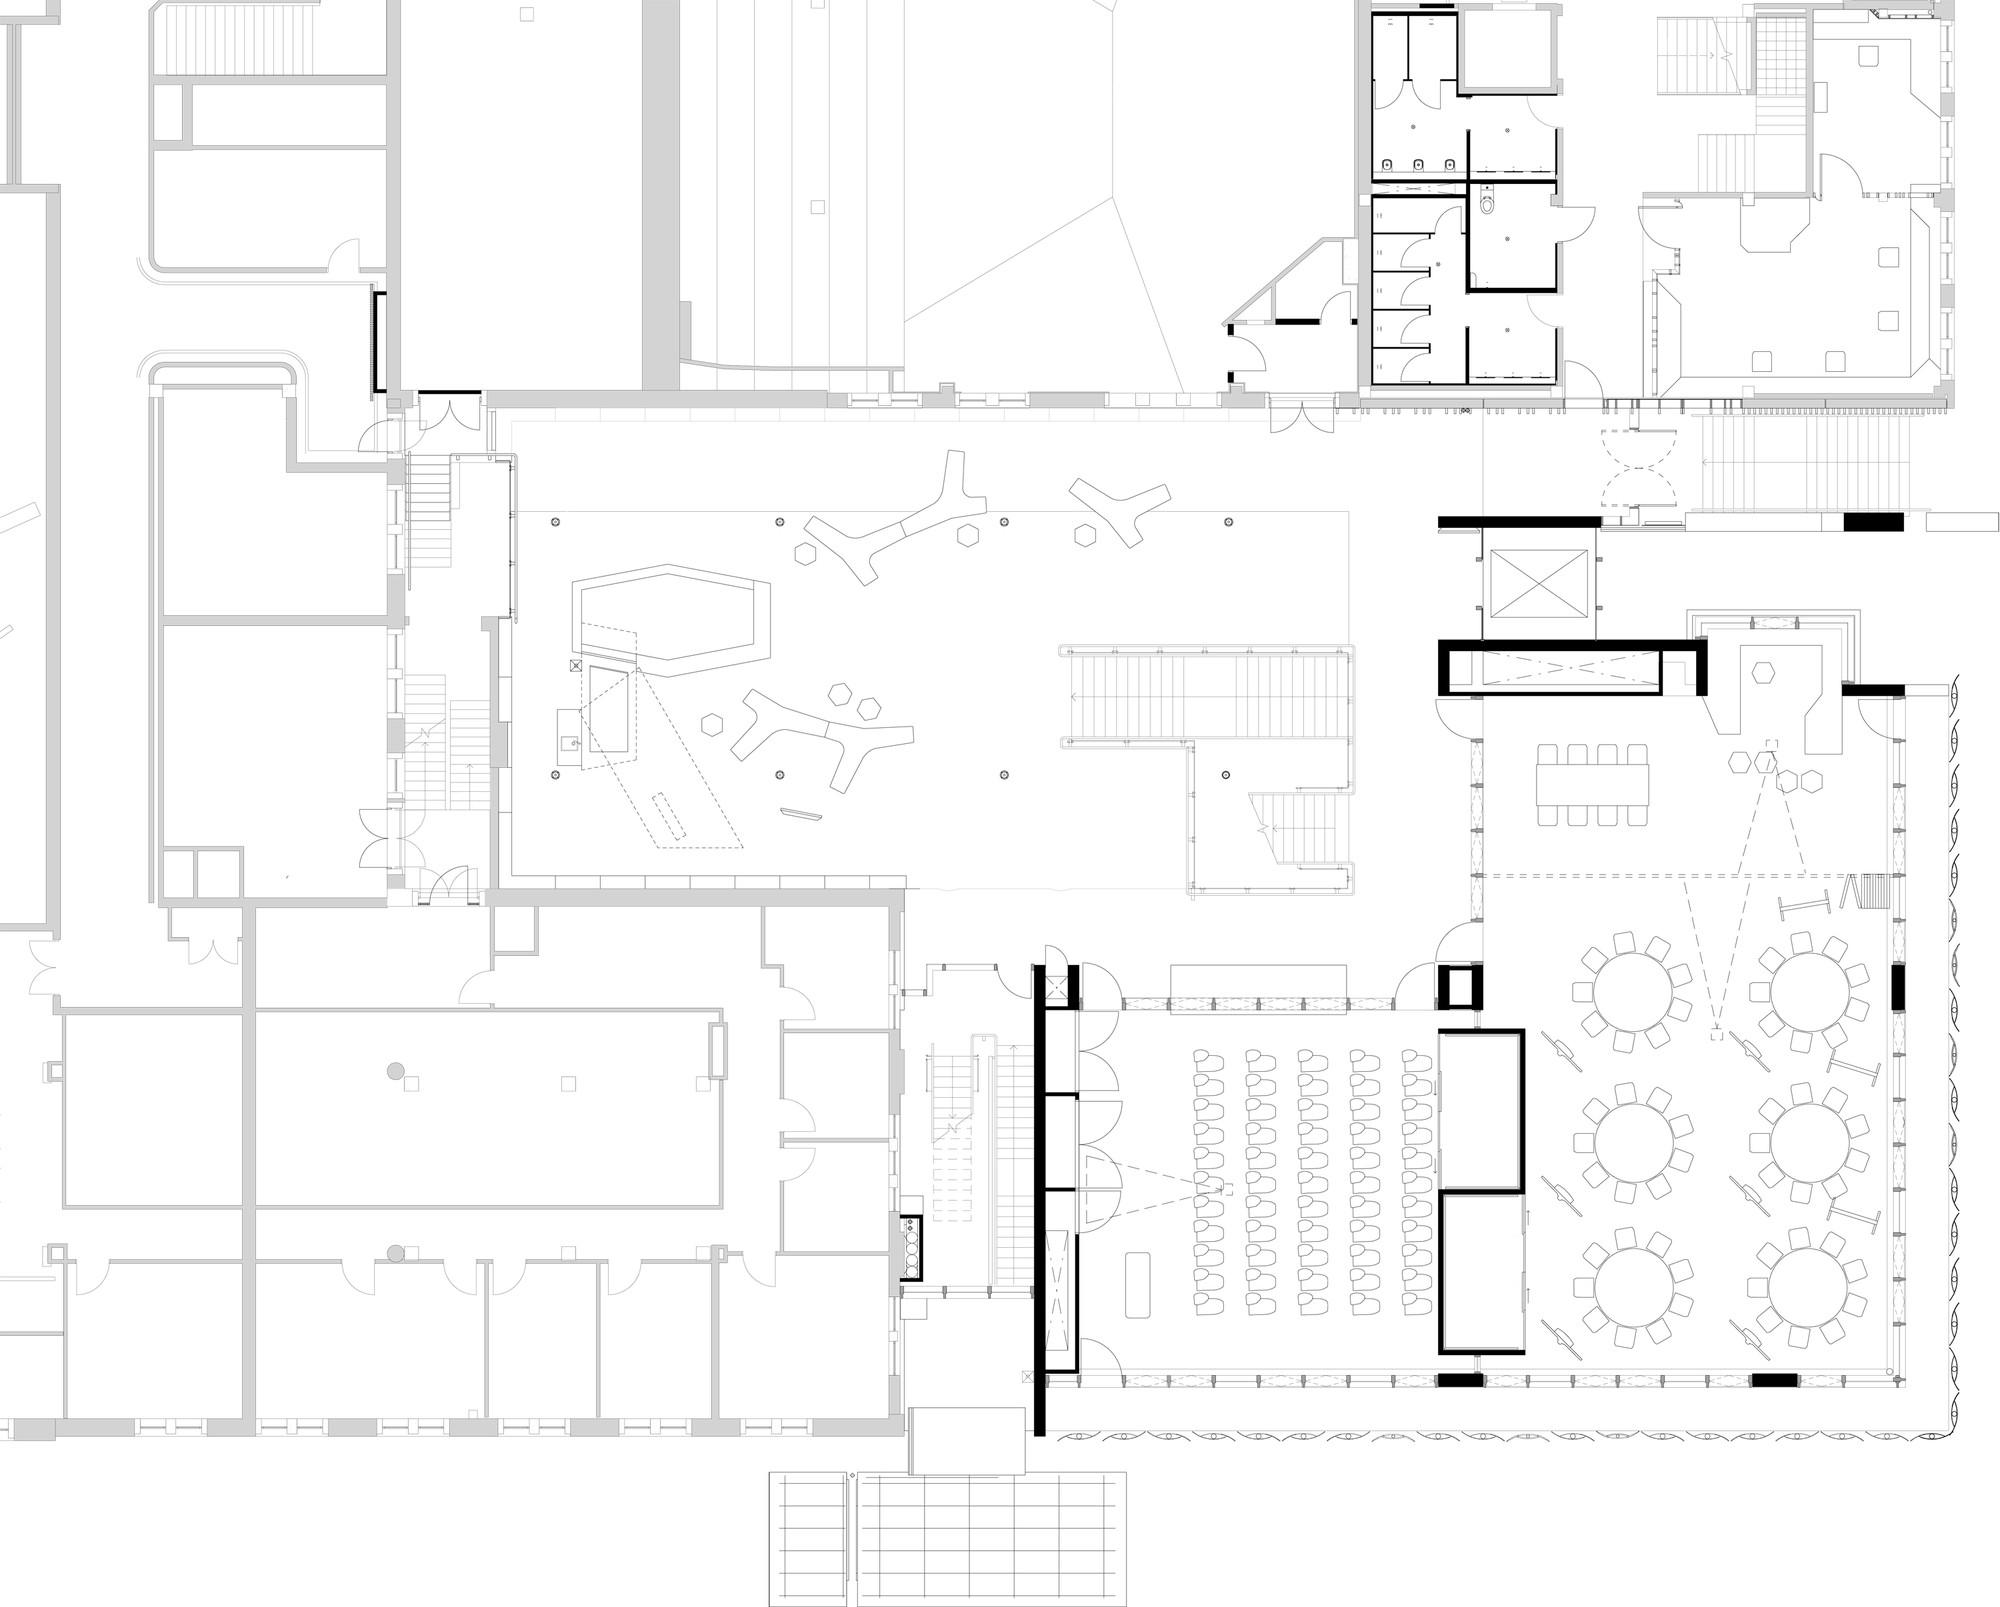 Ibc Floor Elevation Change : Gallery of university queensland global change